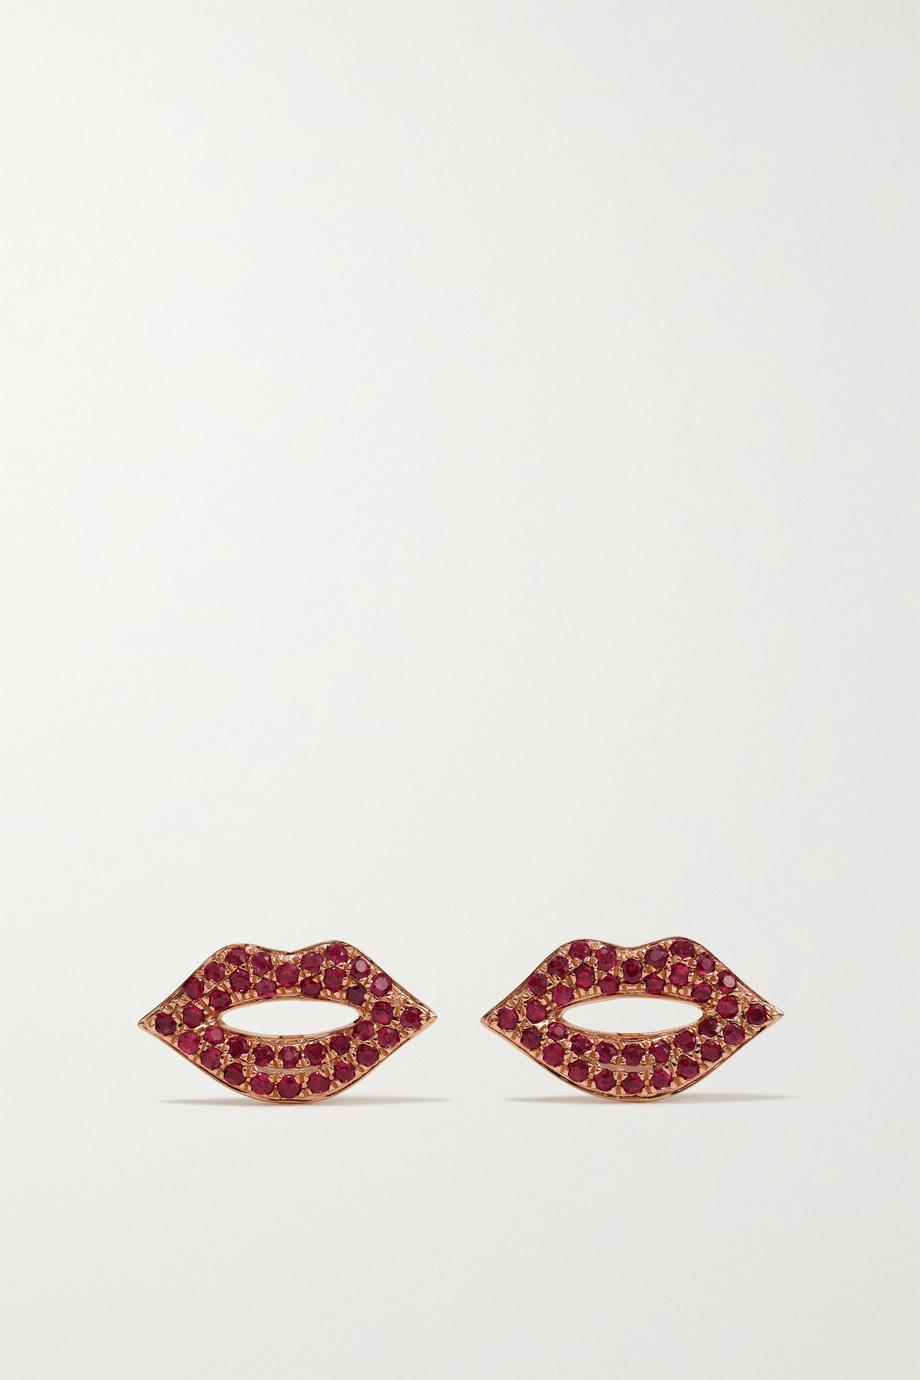 Sydney Evan 14-karat rose gold ruby earrings